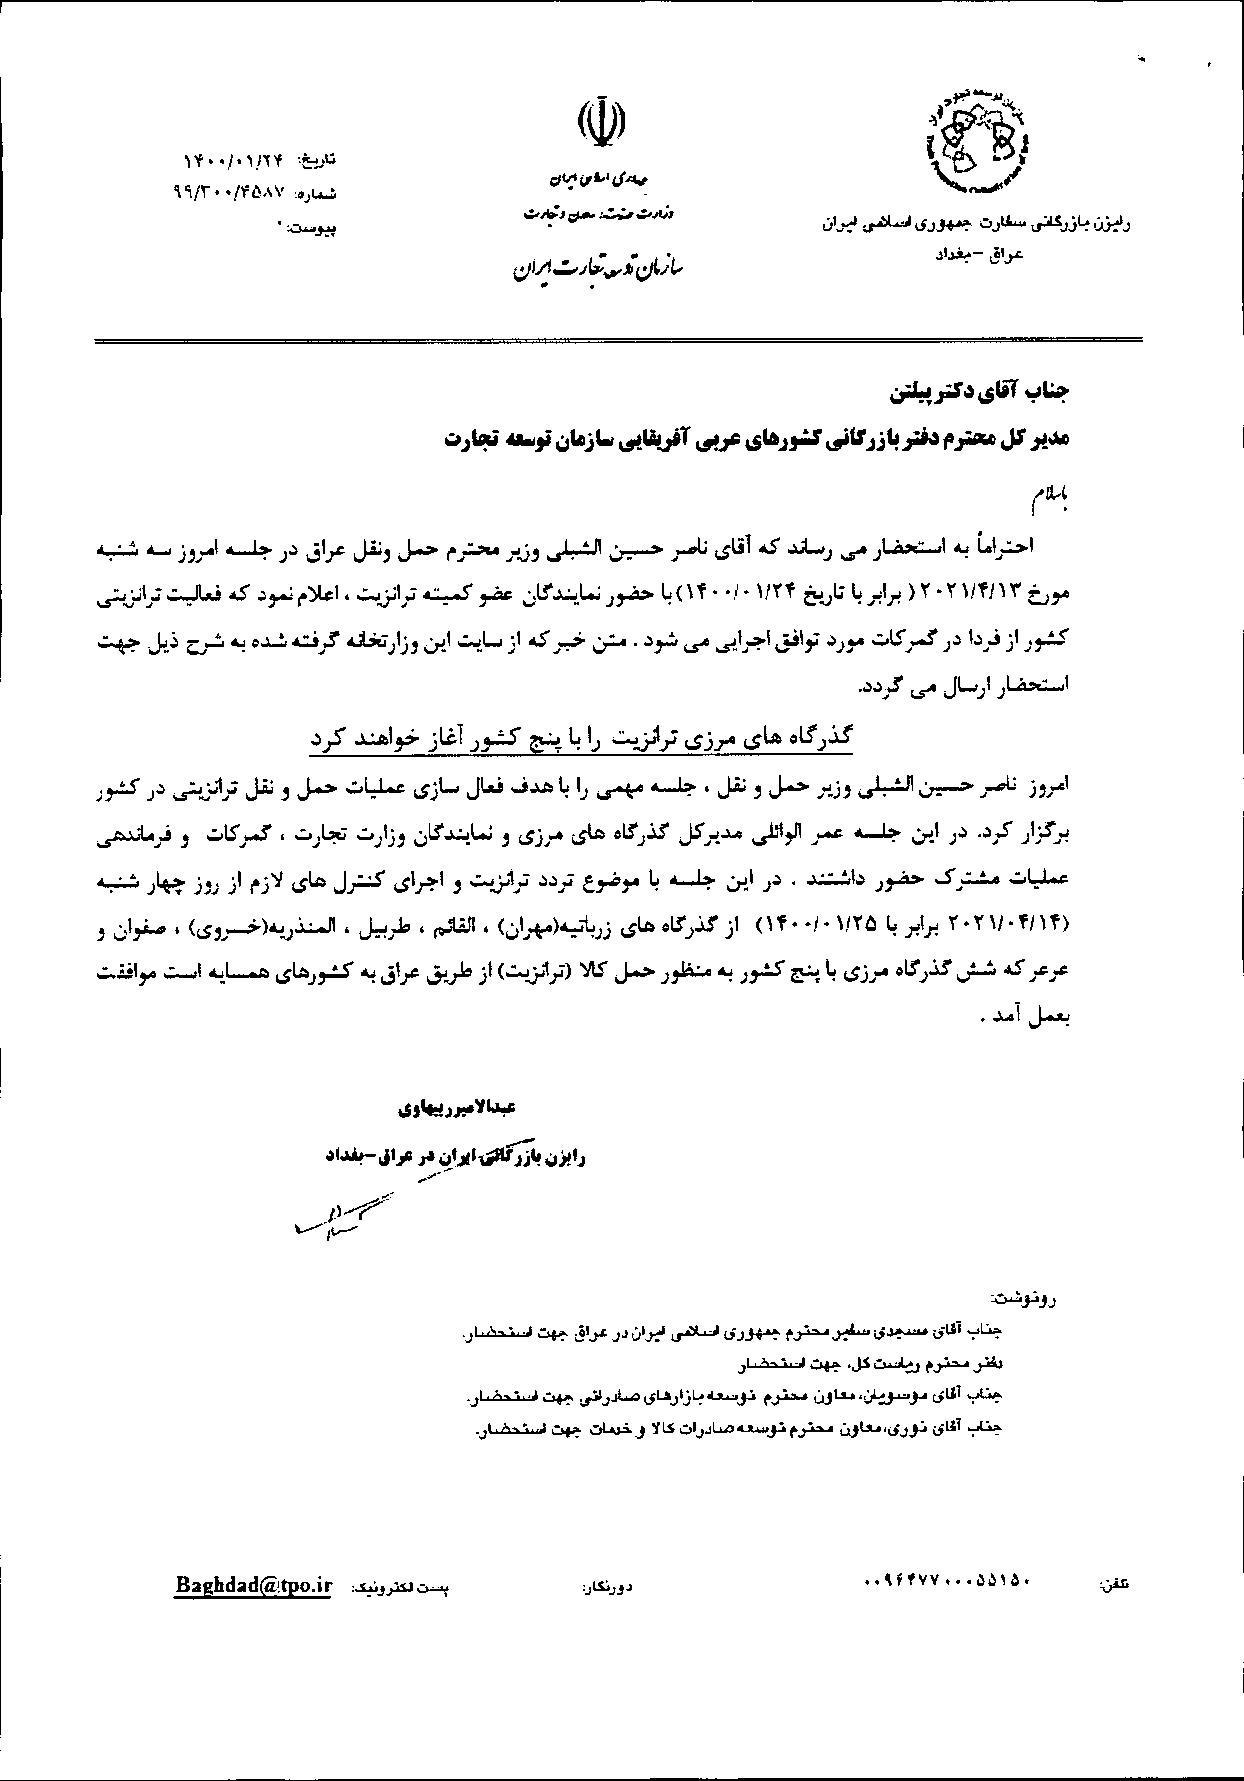 موافقت فعالیت ترانزیتی از 5 گذر گاه مرزی عراق